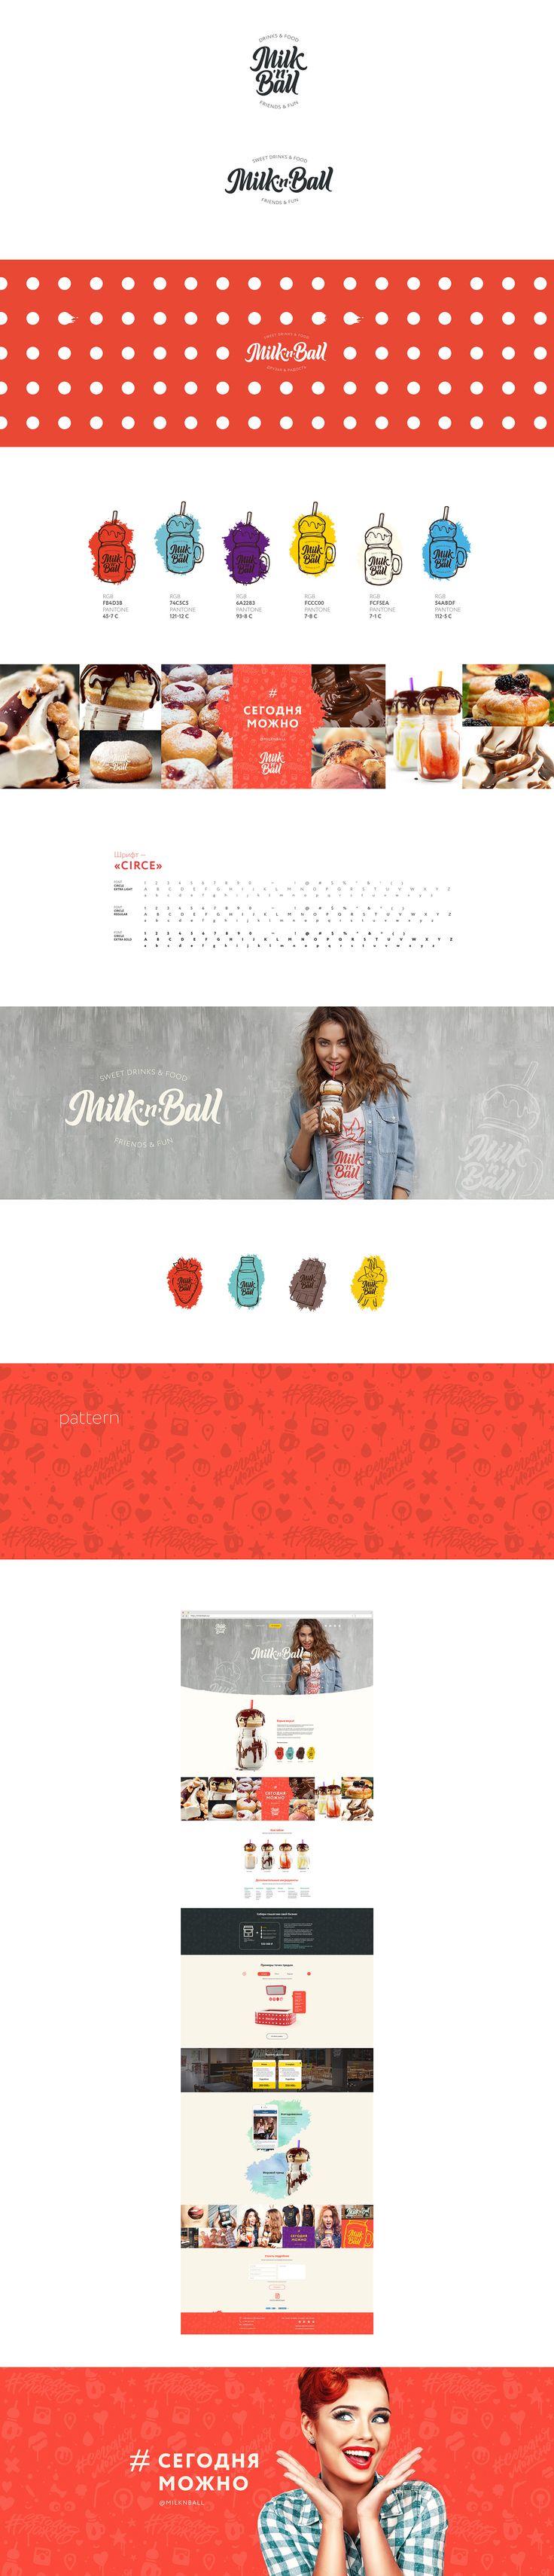 Задача:Разработать фирменный стиль и сайт для продажи франшизы продукта.Milk'n'Ball — это пончик с молочным коктейлем в легендарной стеклянной кружке, которую покупатель потом может забрать себе домой и уютно попивать чай или морсы со льдом.